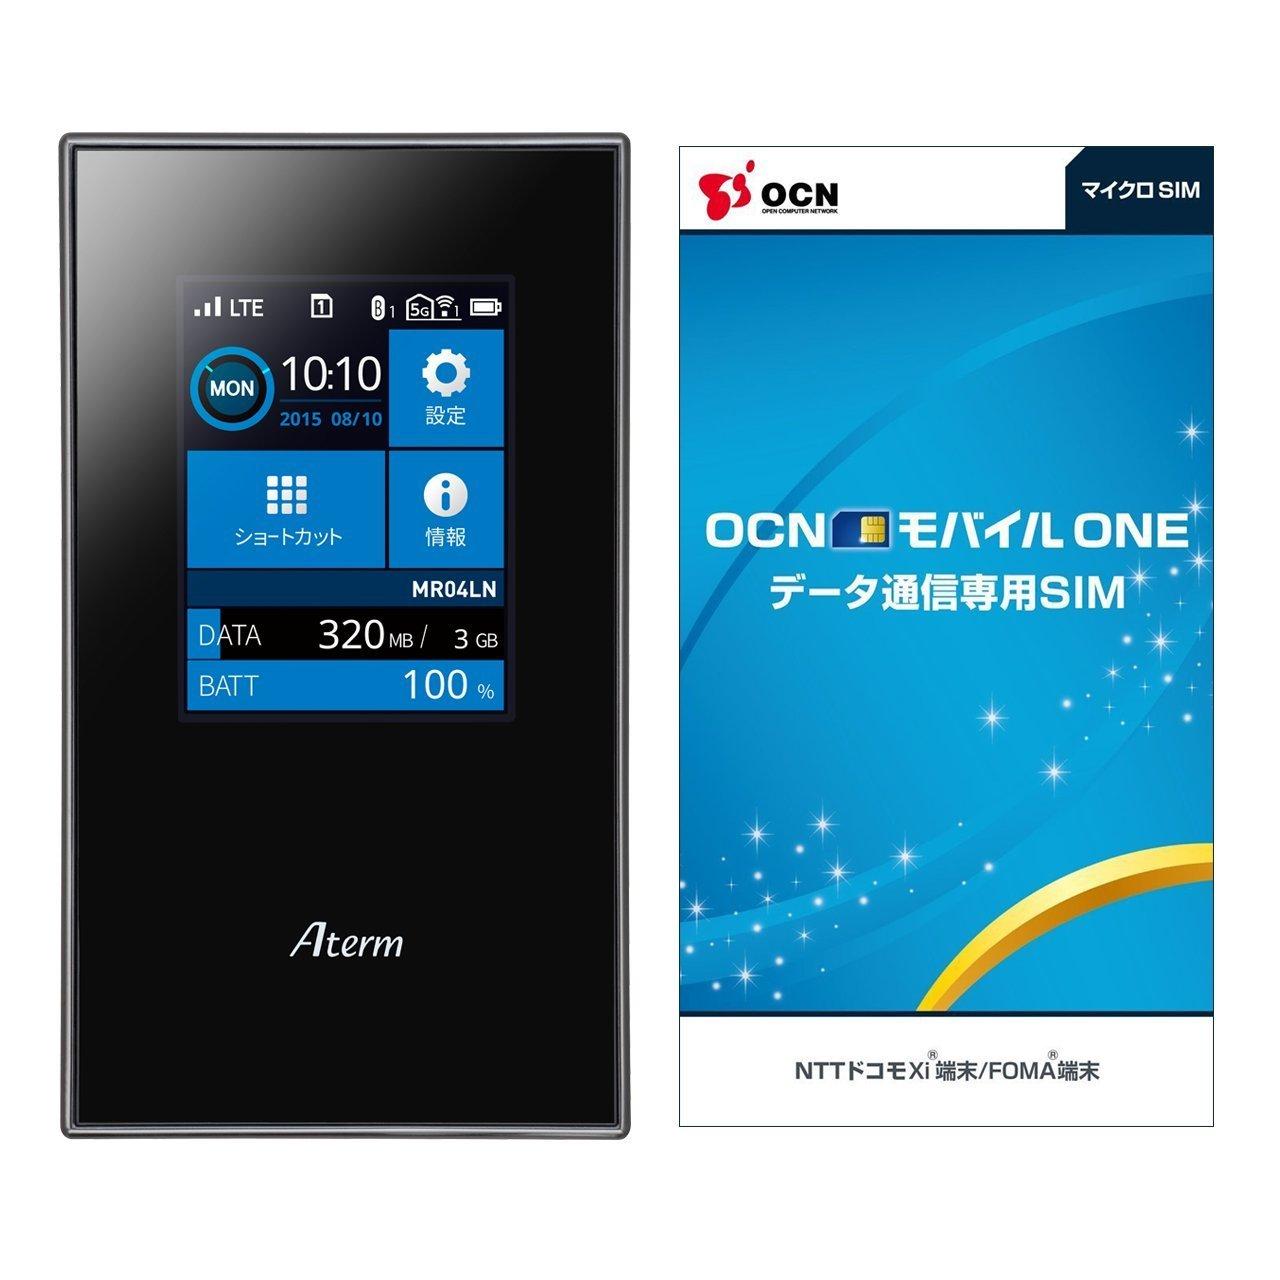 【1/17限定】Amazonにて『Aterm MR04LN』が再びセール販売中!